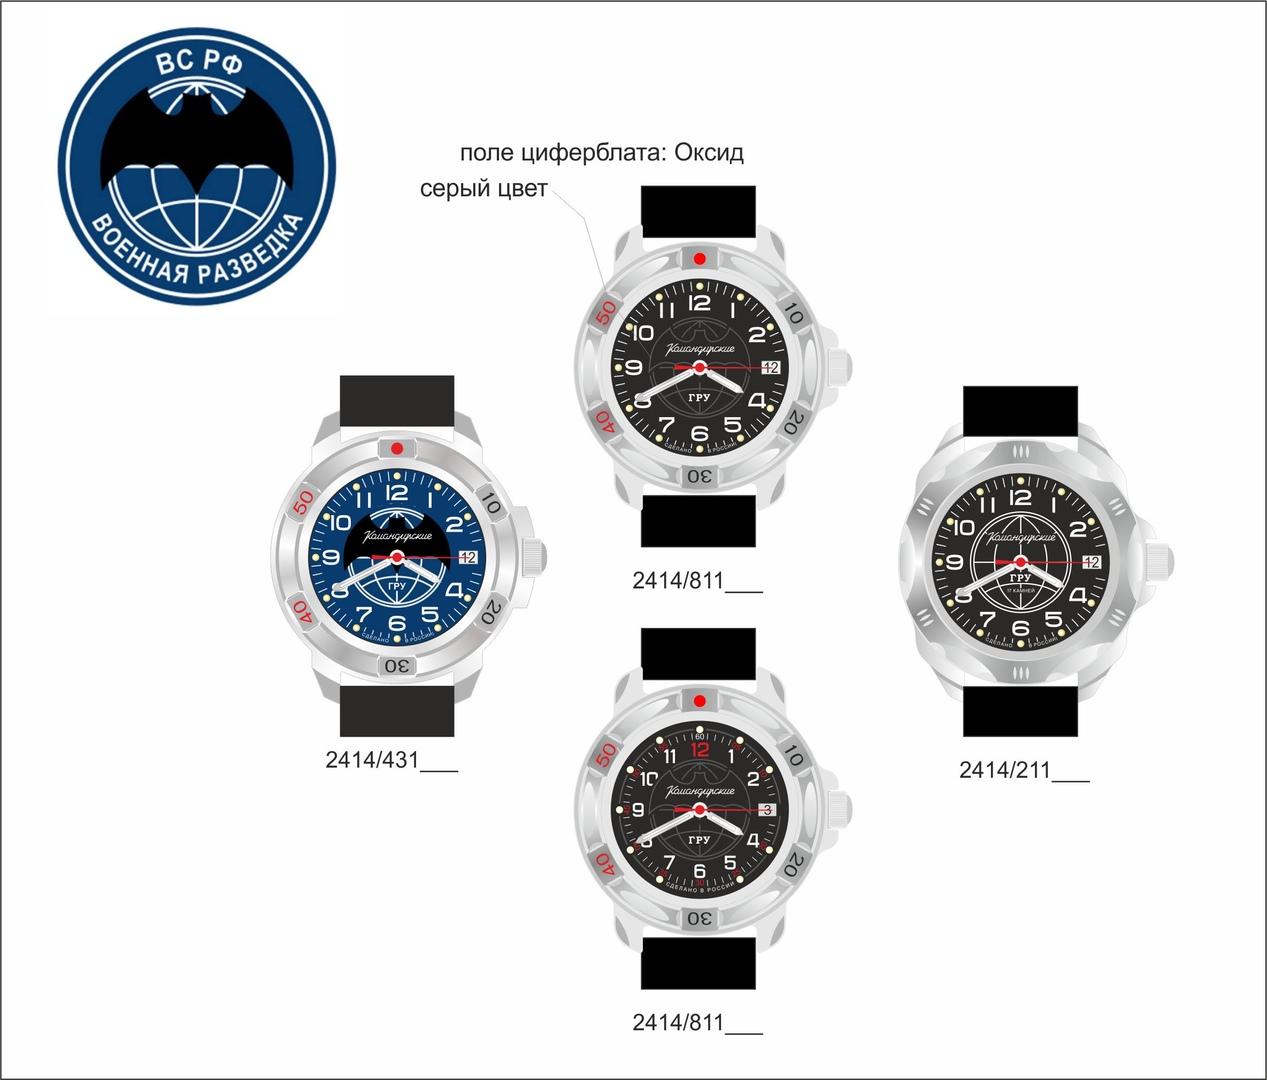 Le bistrot Vostok (pour papoter autour de la marque) - Page 17 HFs7qtOKFnM